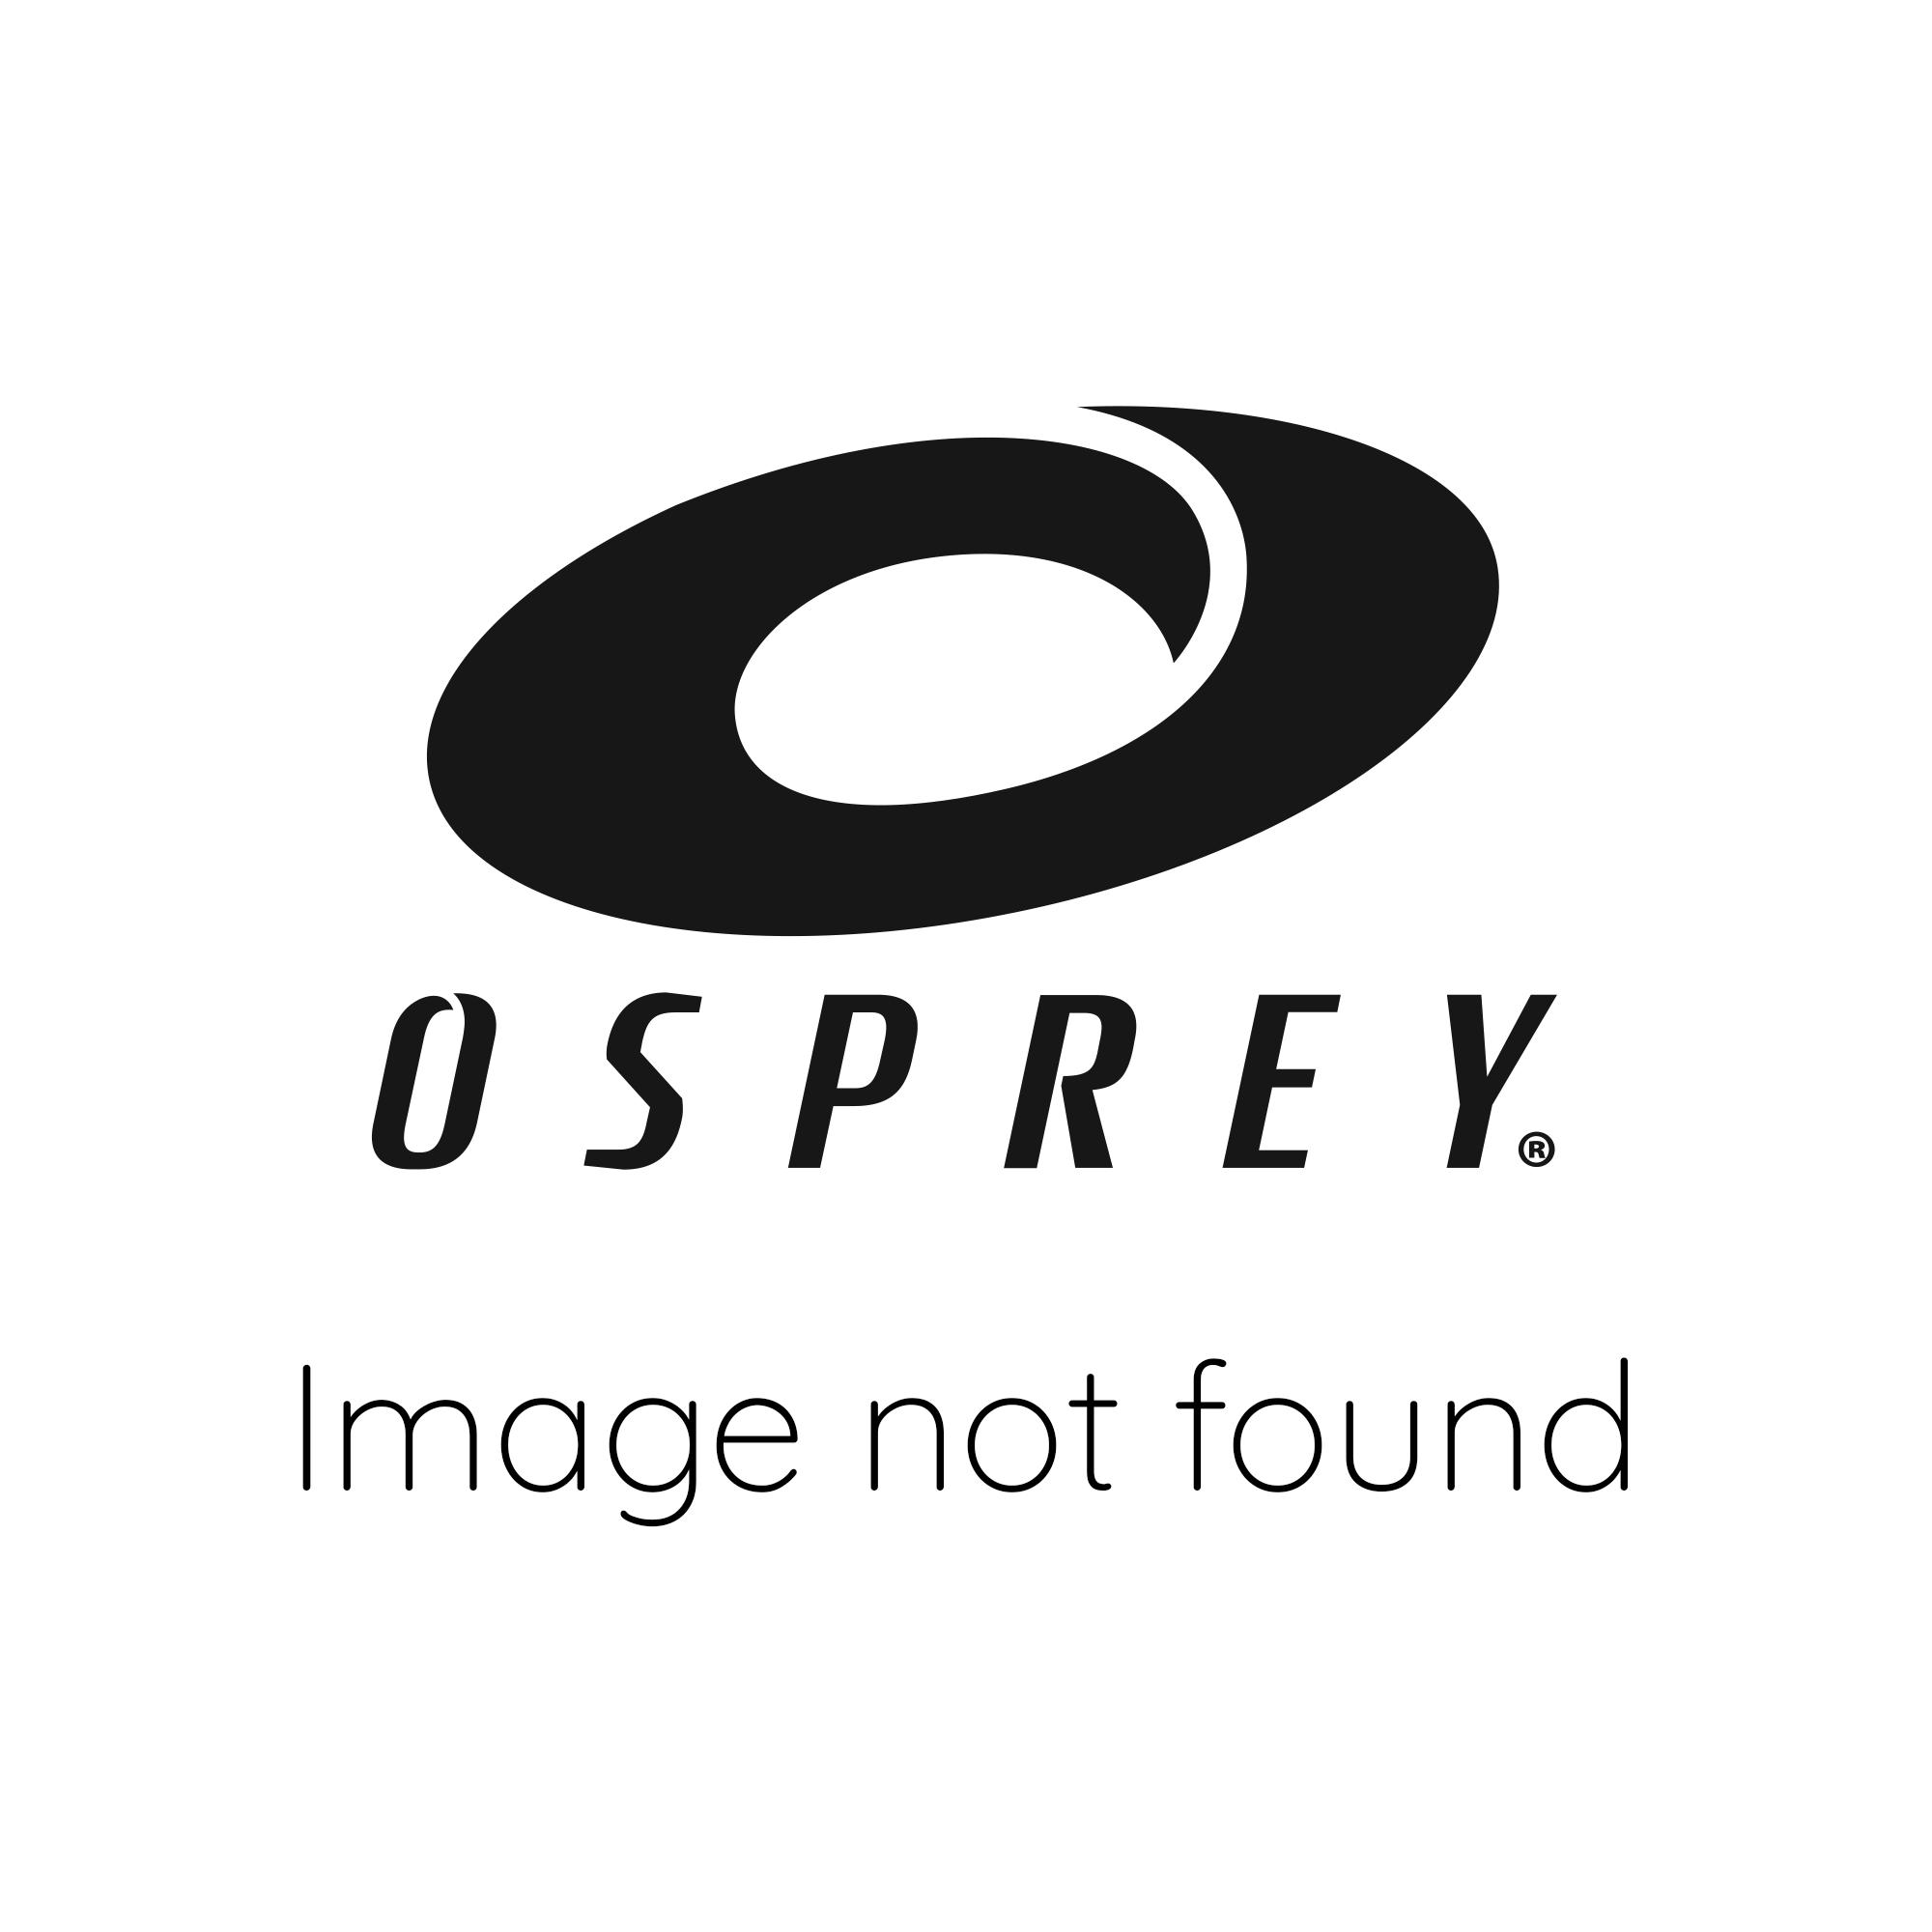 Osprey Foam Surfboard Fins - 7ft - 8ft (3 Pack) - Blue